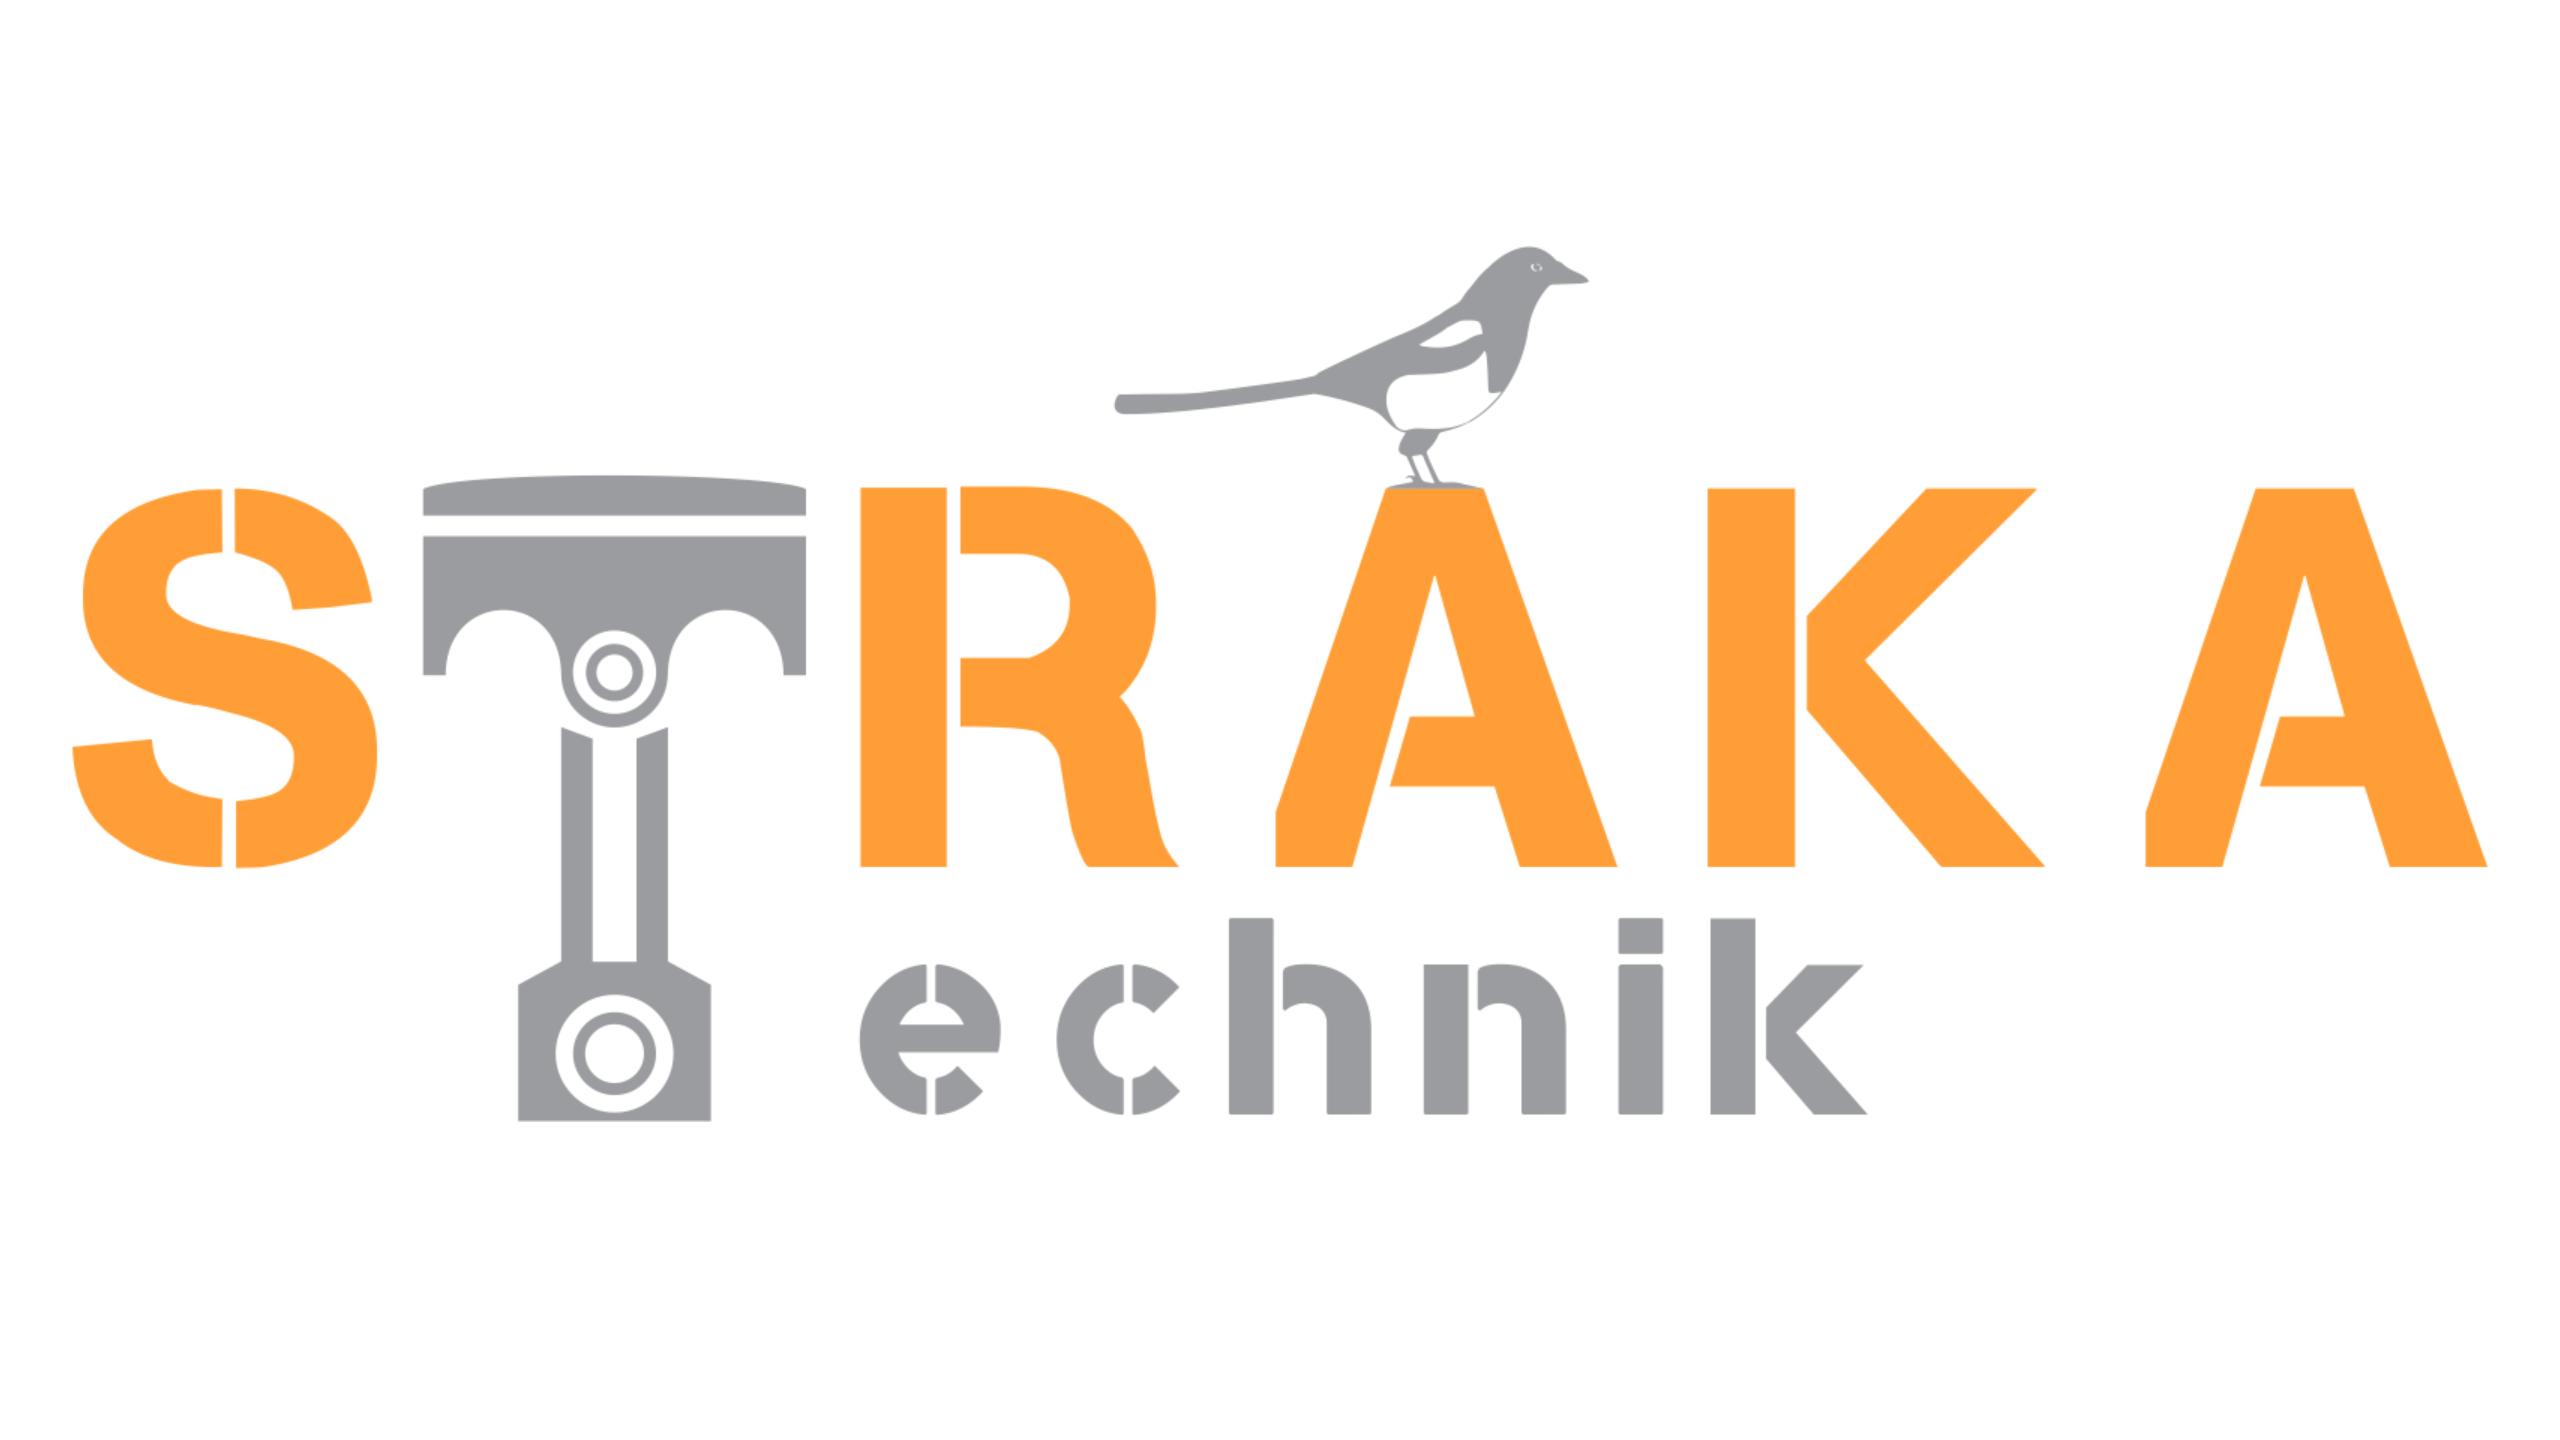 www.strakatechnik.cz